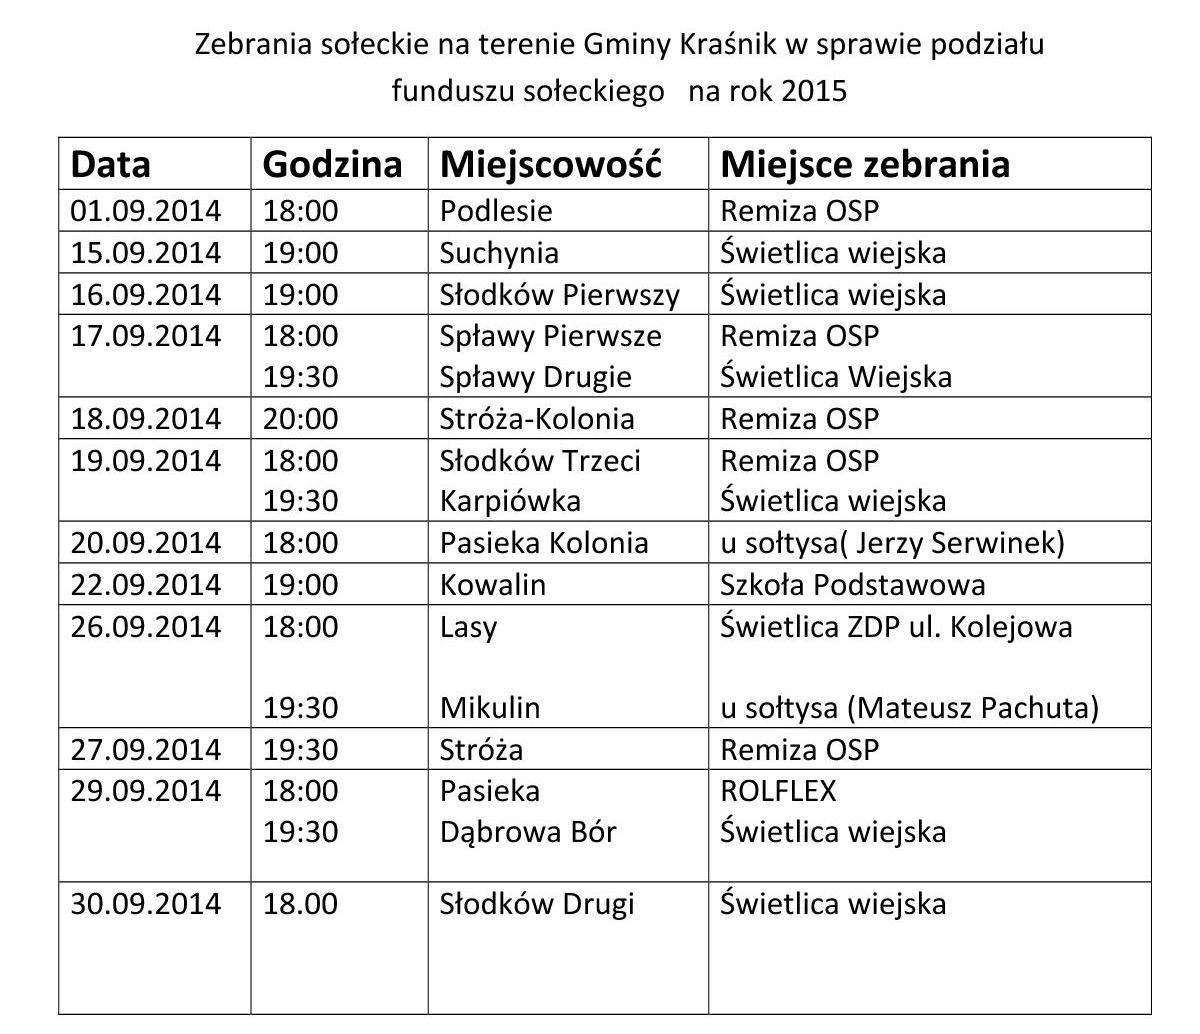 Zebrania sołeckie na terenie Gminy Kraśnik w sprawie p odziału funduszu sołeckiego